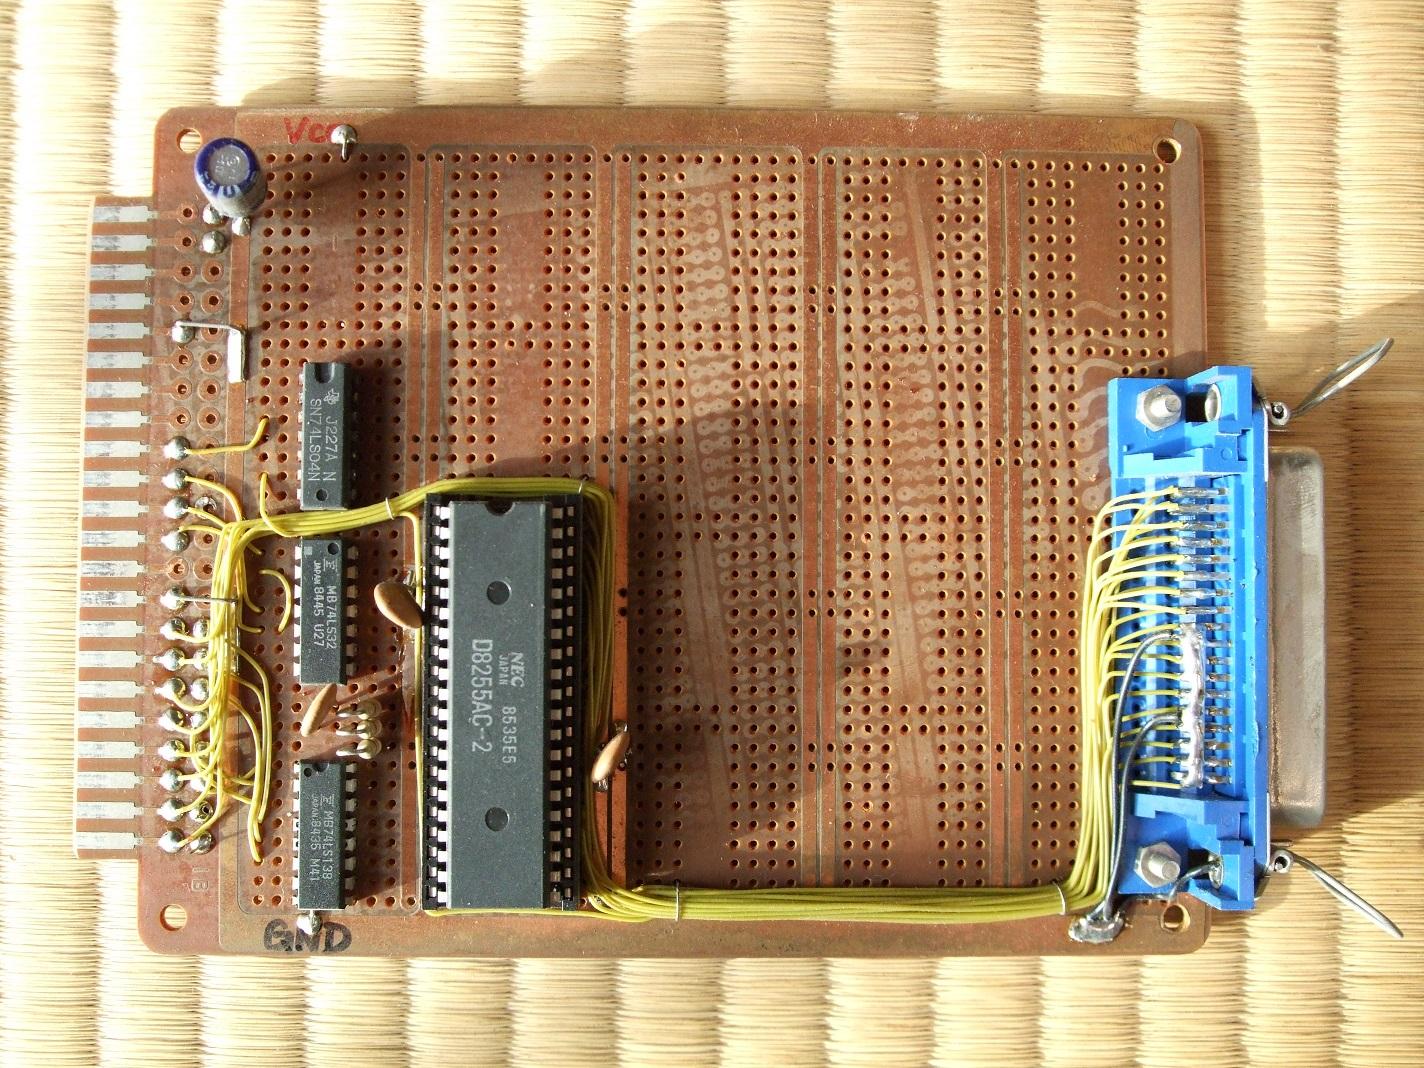 Floppy board